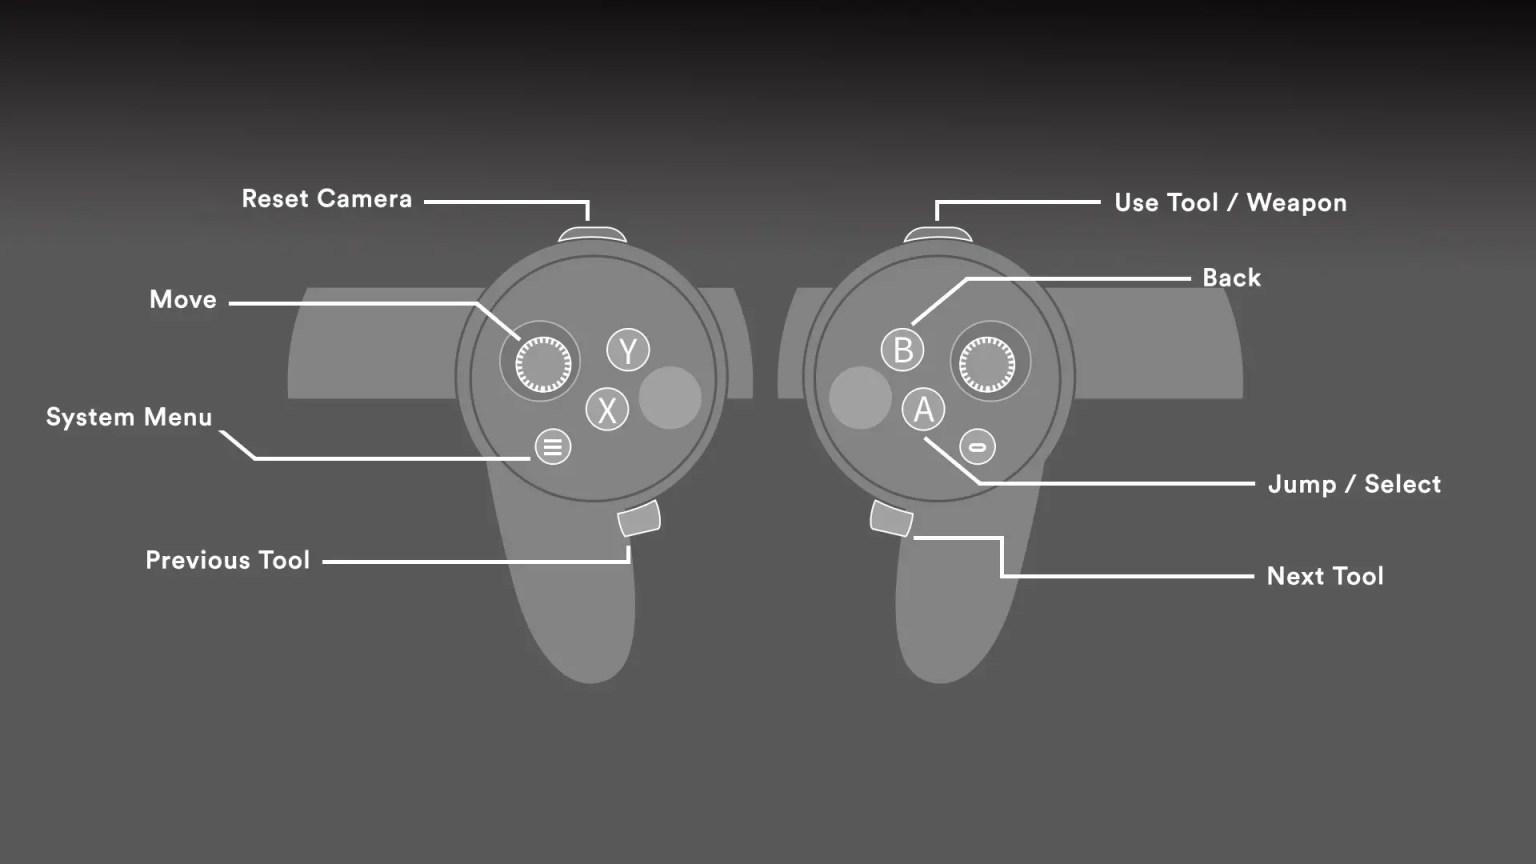 Oculus Rift conroller scheme for Roblox VR